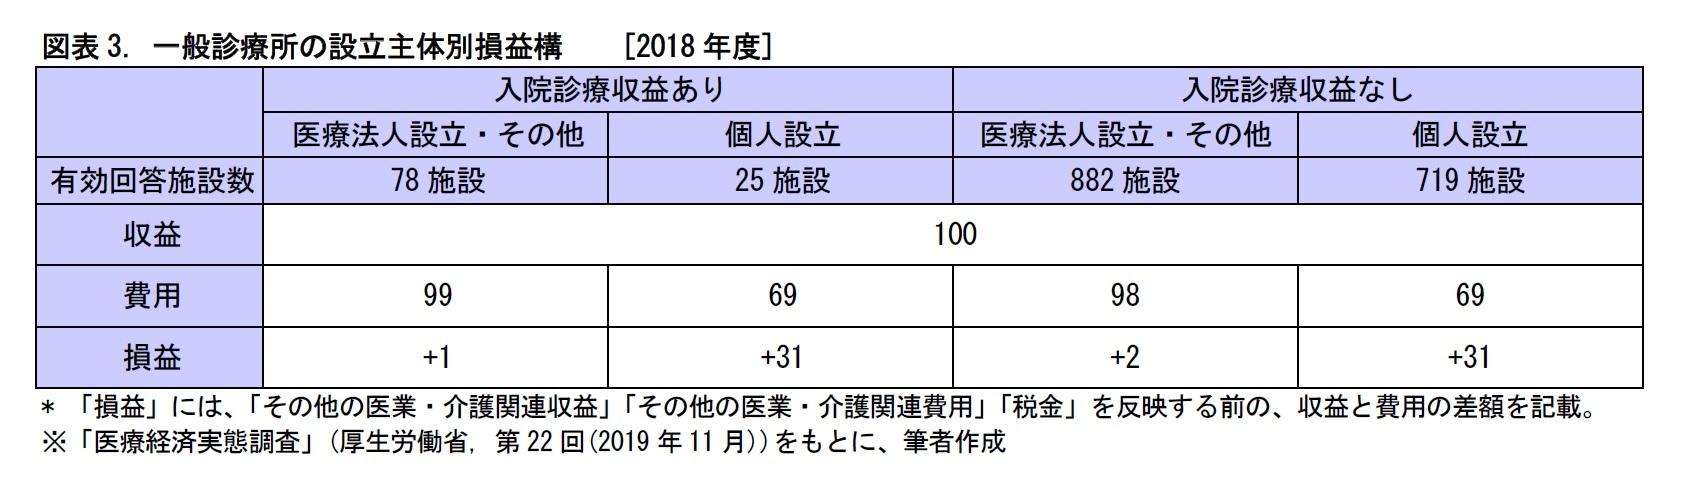 図表3. 一般診療所の設立主体別損益構[2018年度]